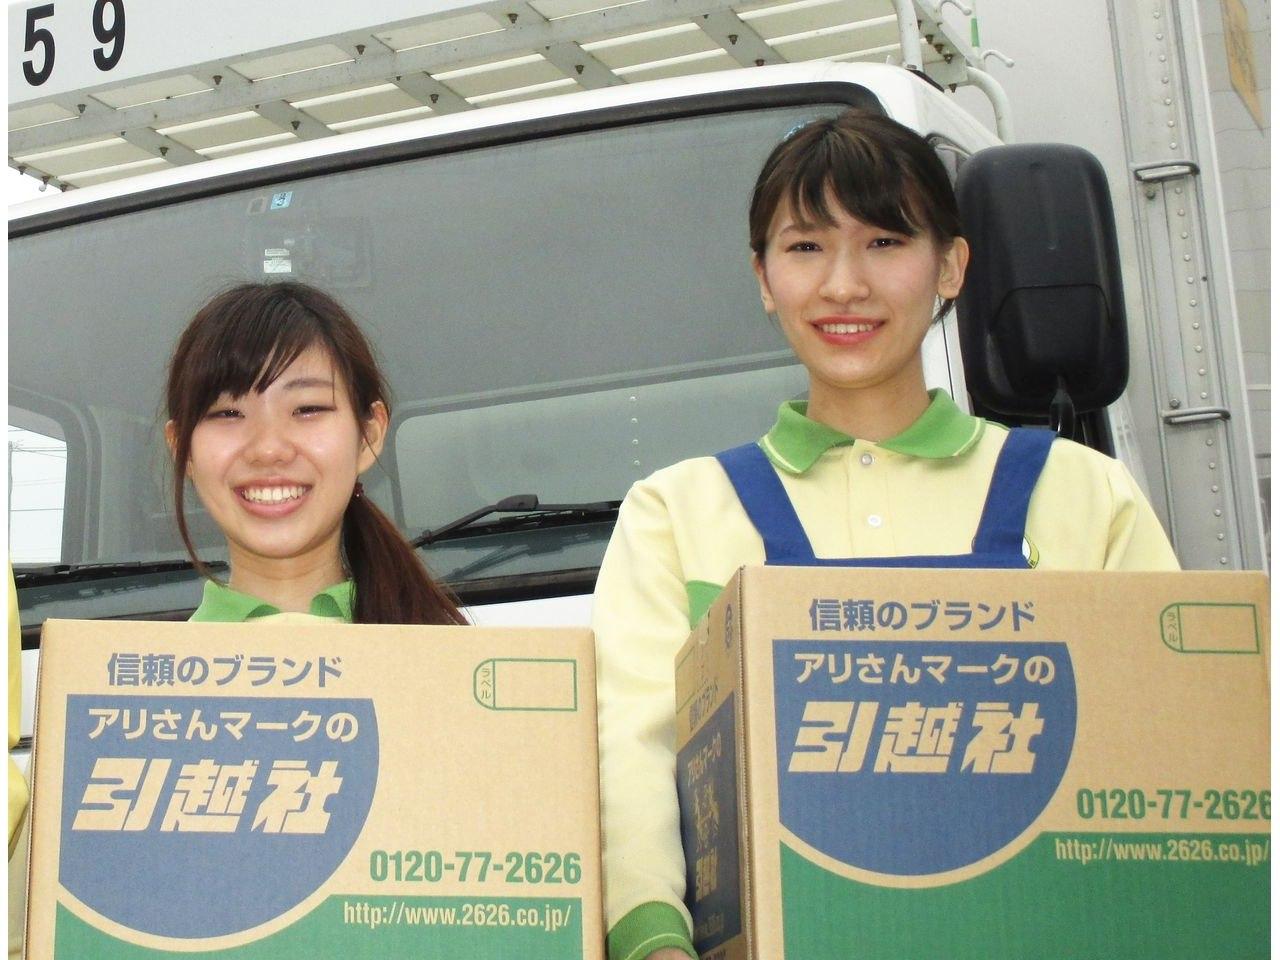 アリさんマークの引越社 熊本支店のアルバイト情報